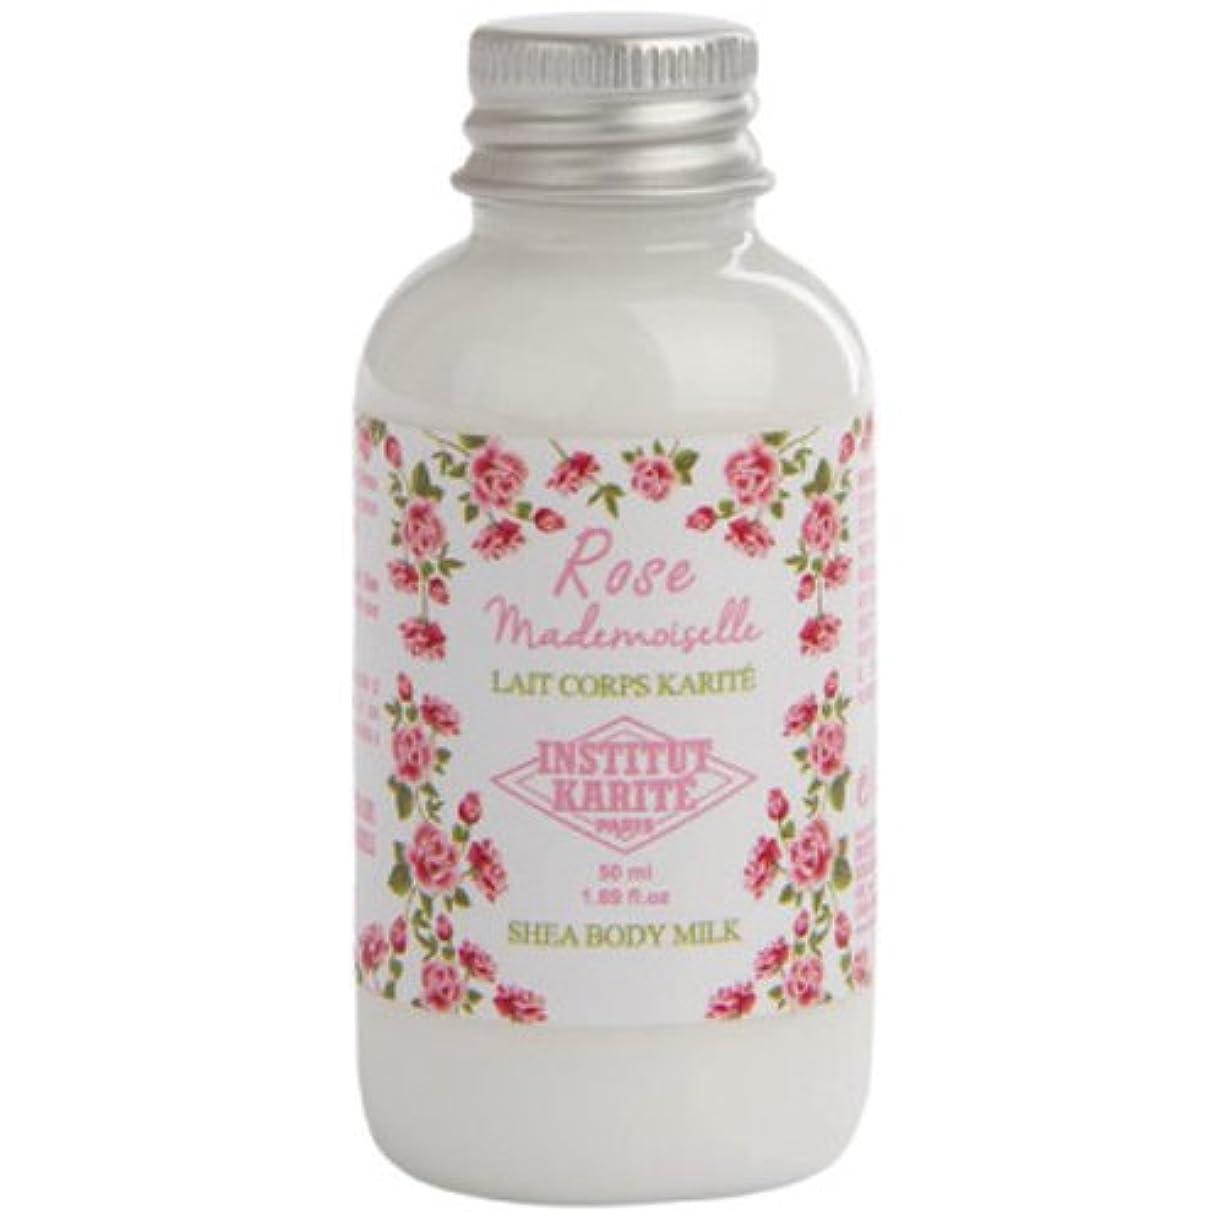 INSTITUT KARITE カリテ Rose Mademoiselle クラシックローズ Travel Shea Body Milk 50ml